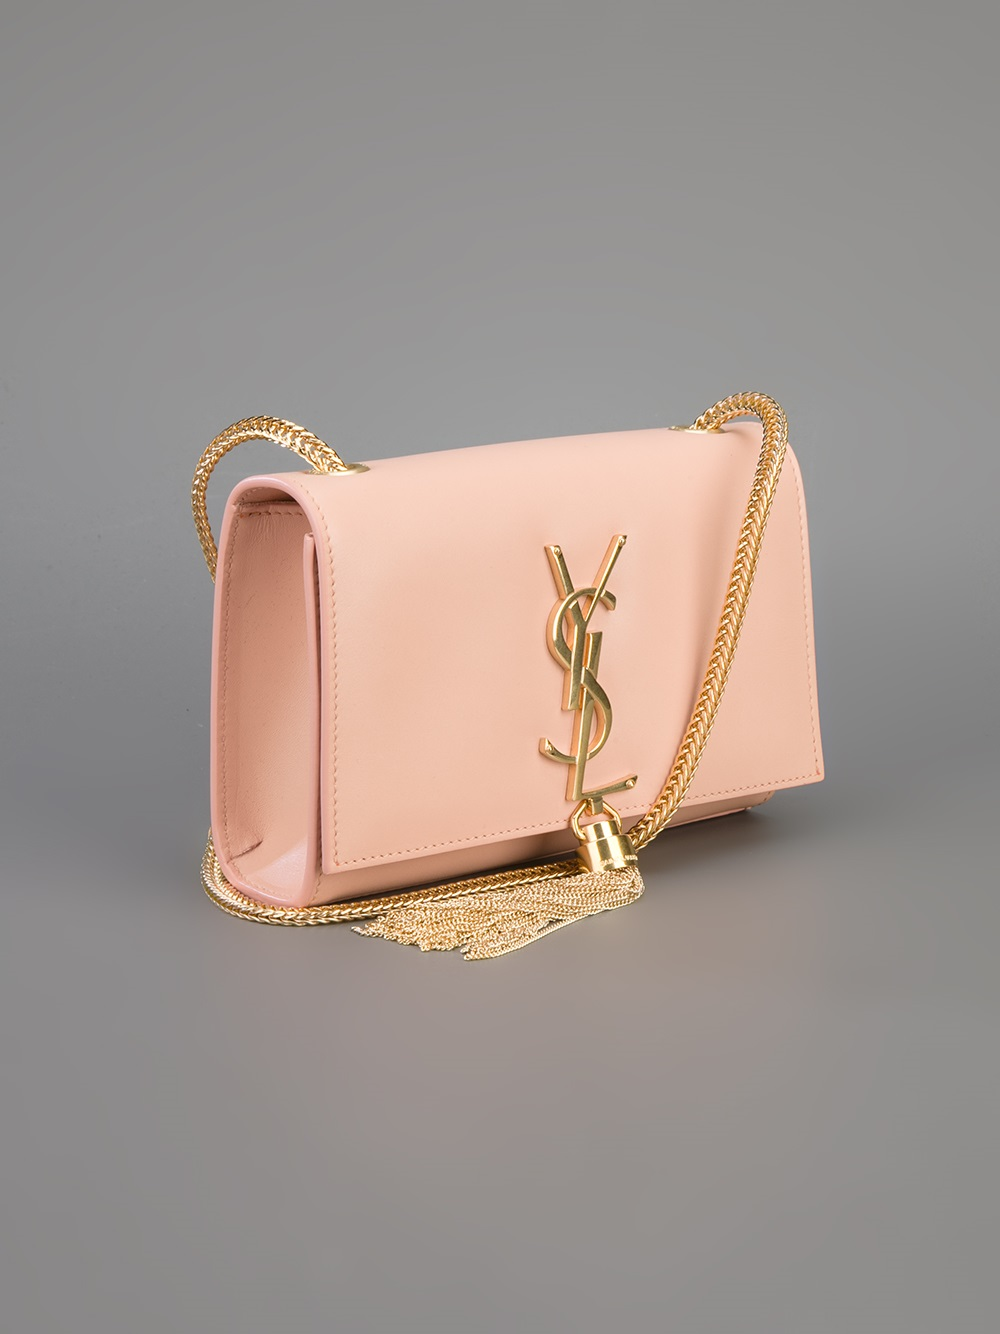 Saint Laurent Small Cassandre Tassel Shoulder Bag In Pink